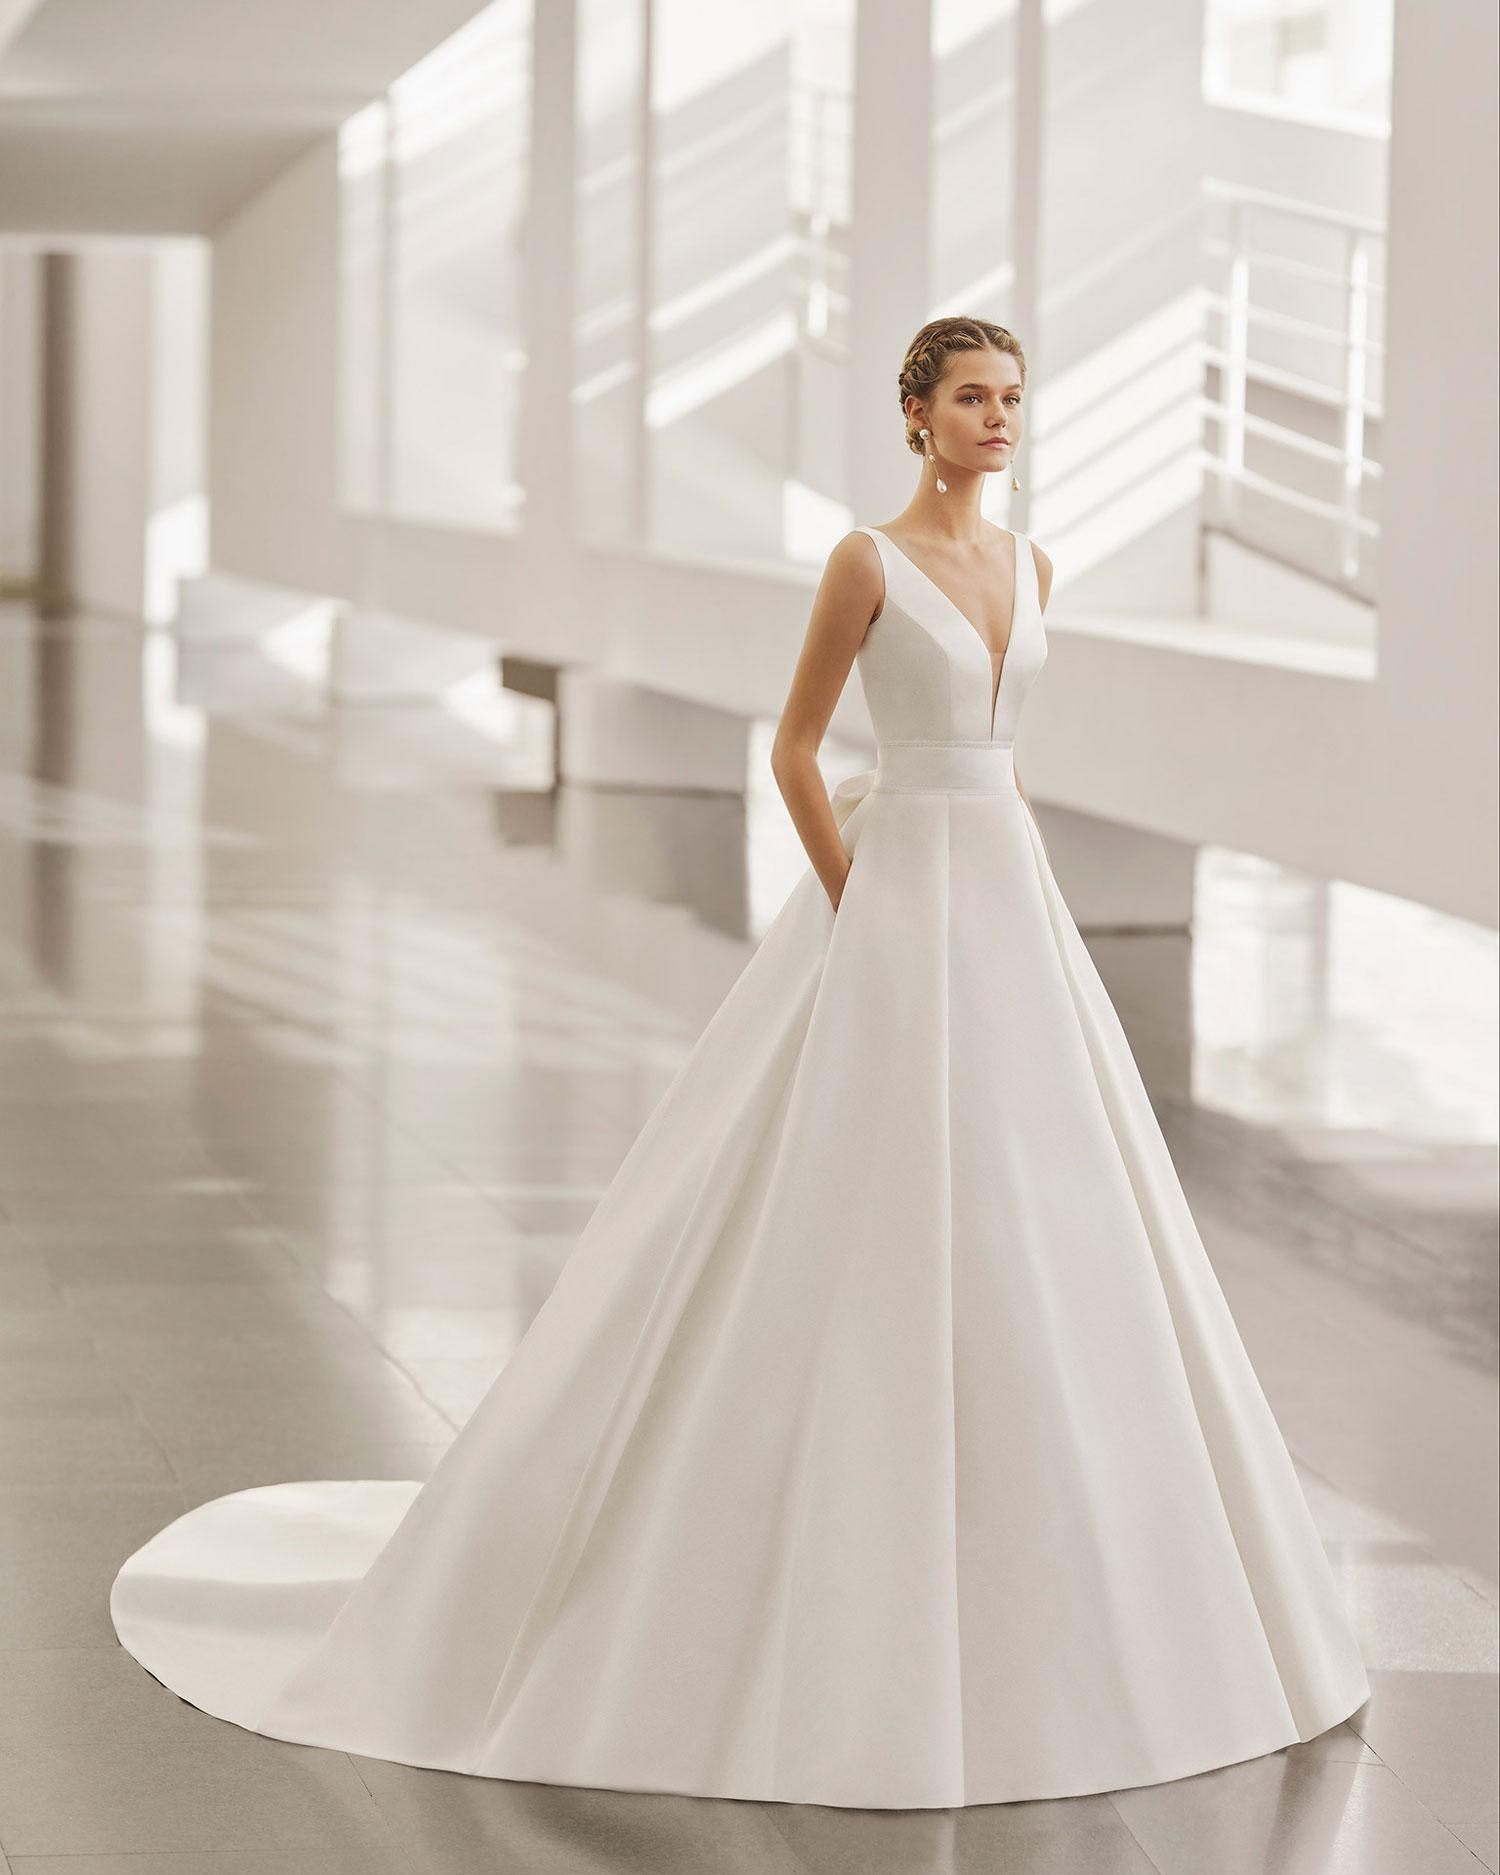 Rosa Clarà 2022 abito vestito sposa Vicenza NORAY